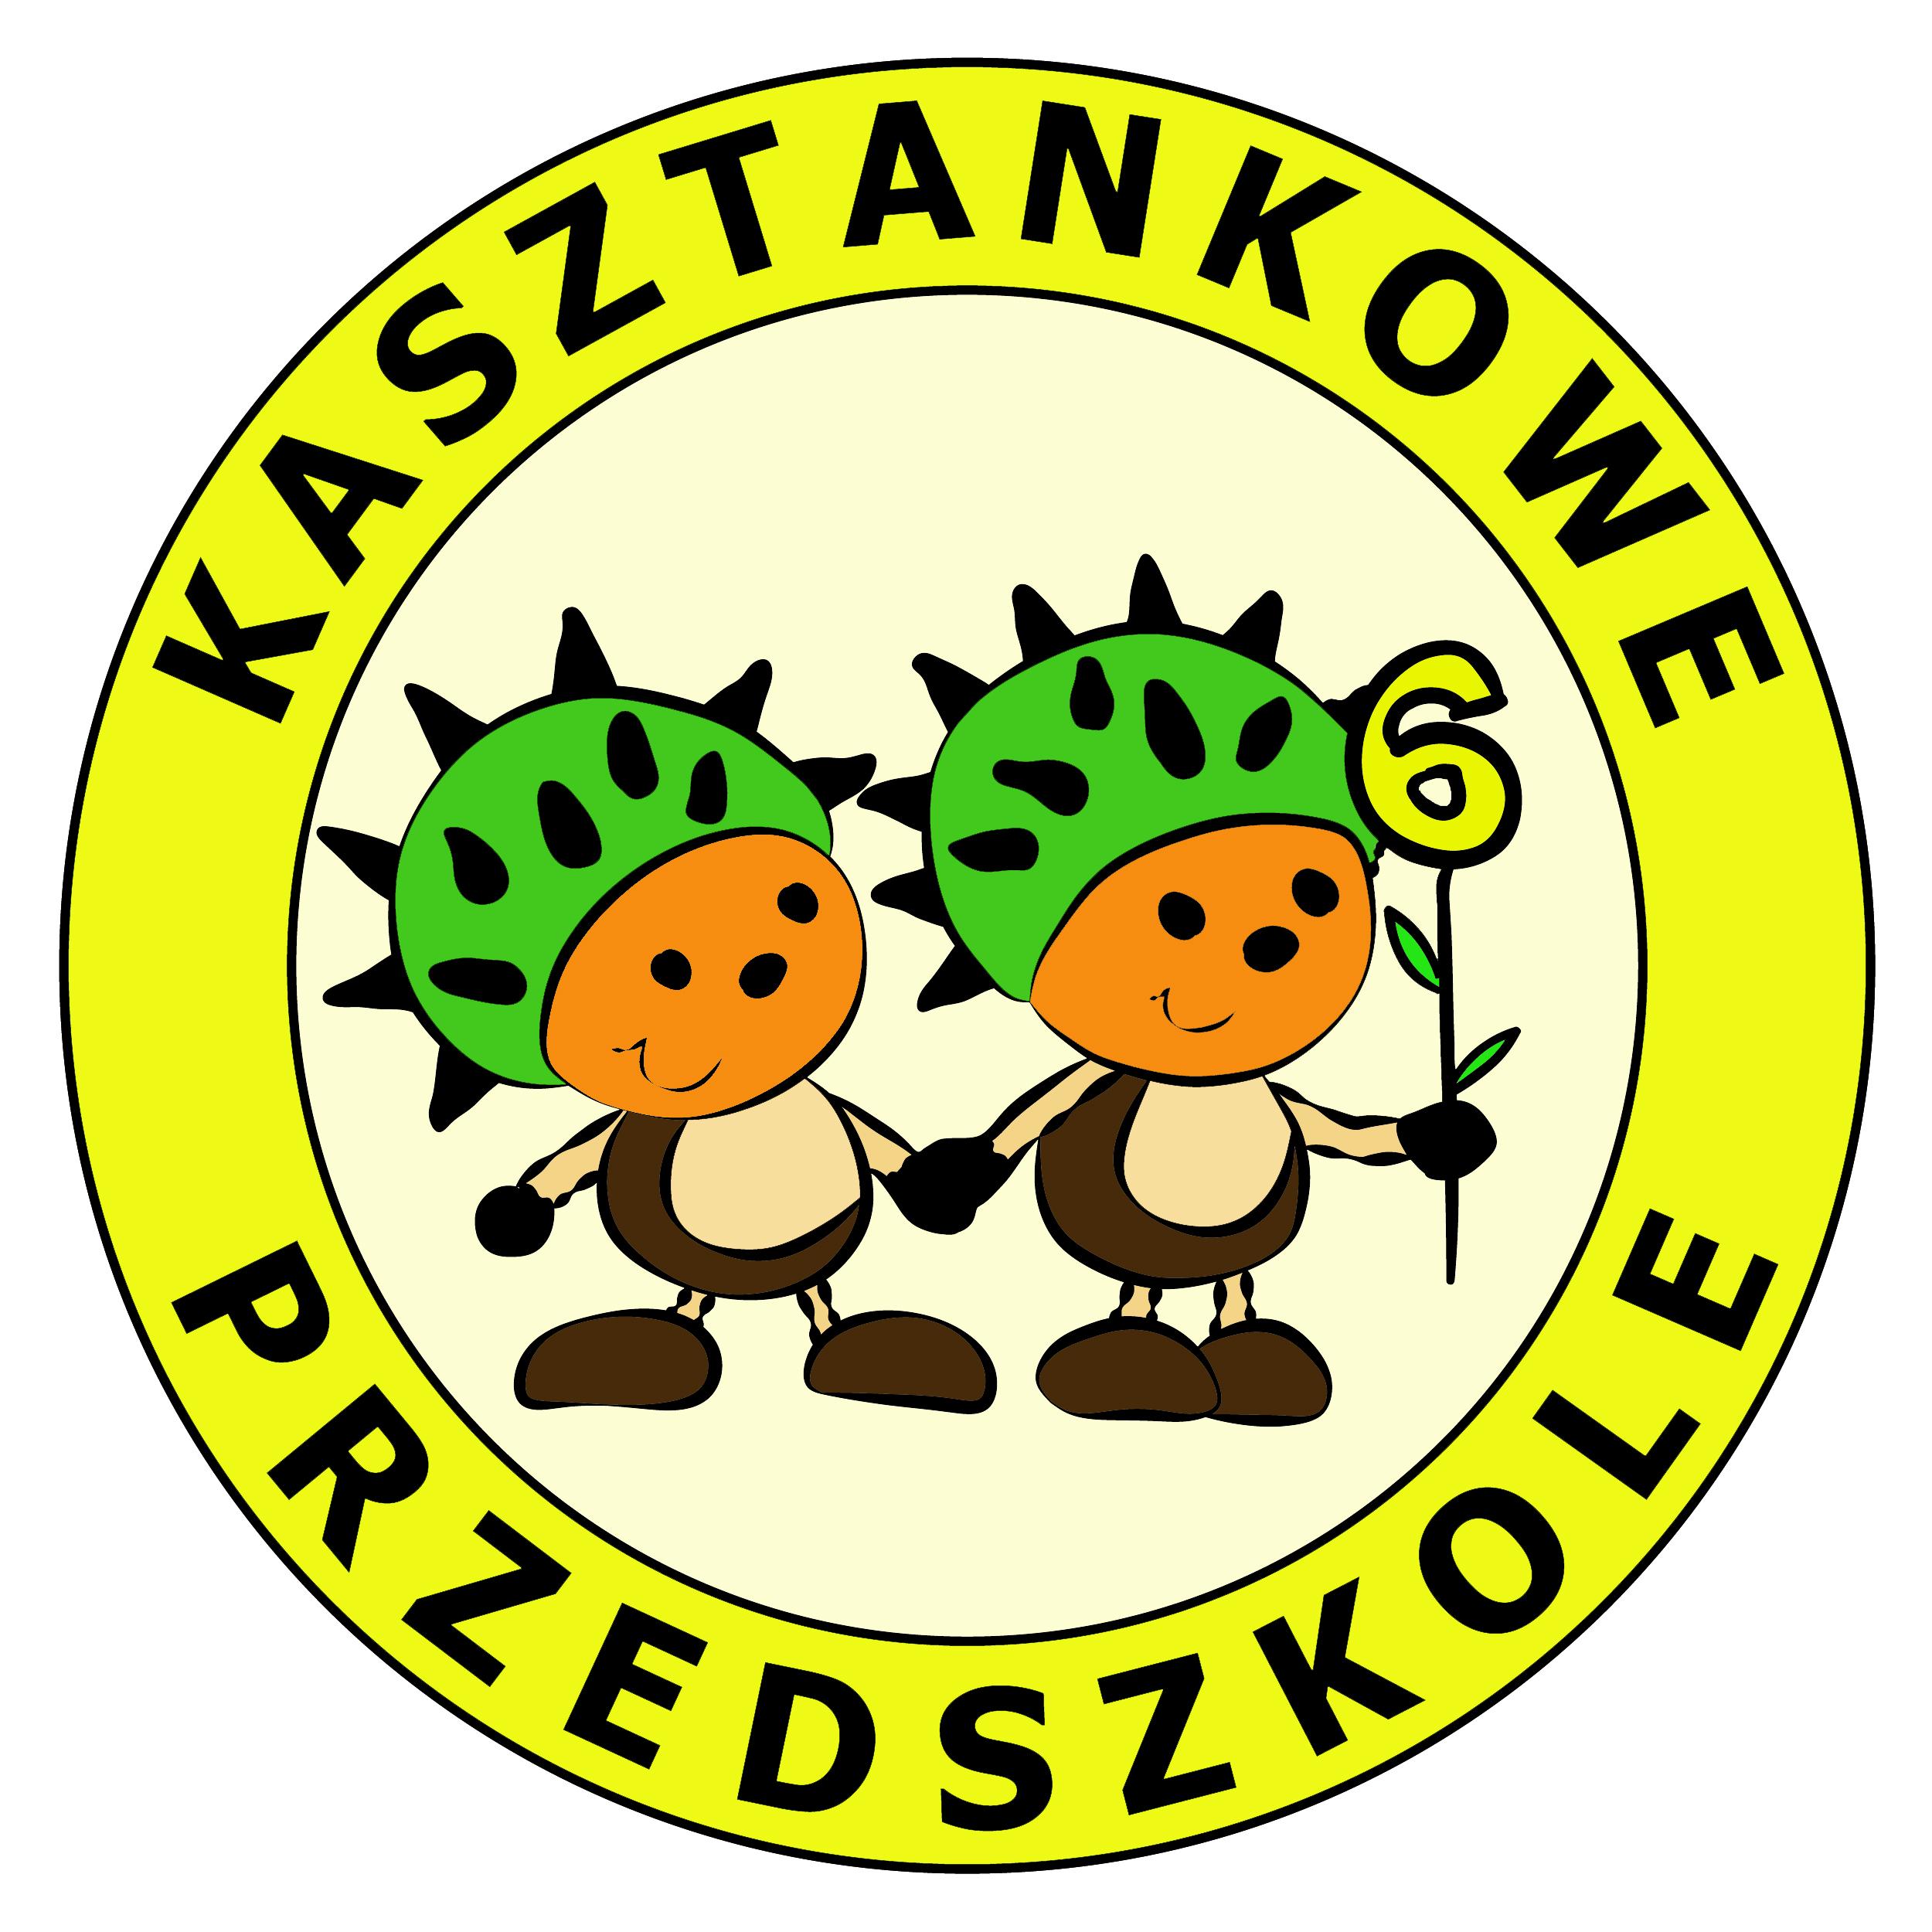 Publiczne Przedszkole nr 6 w Kędzierzynie-Koźlu